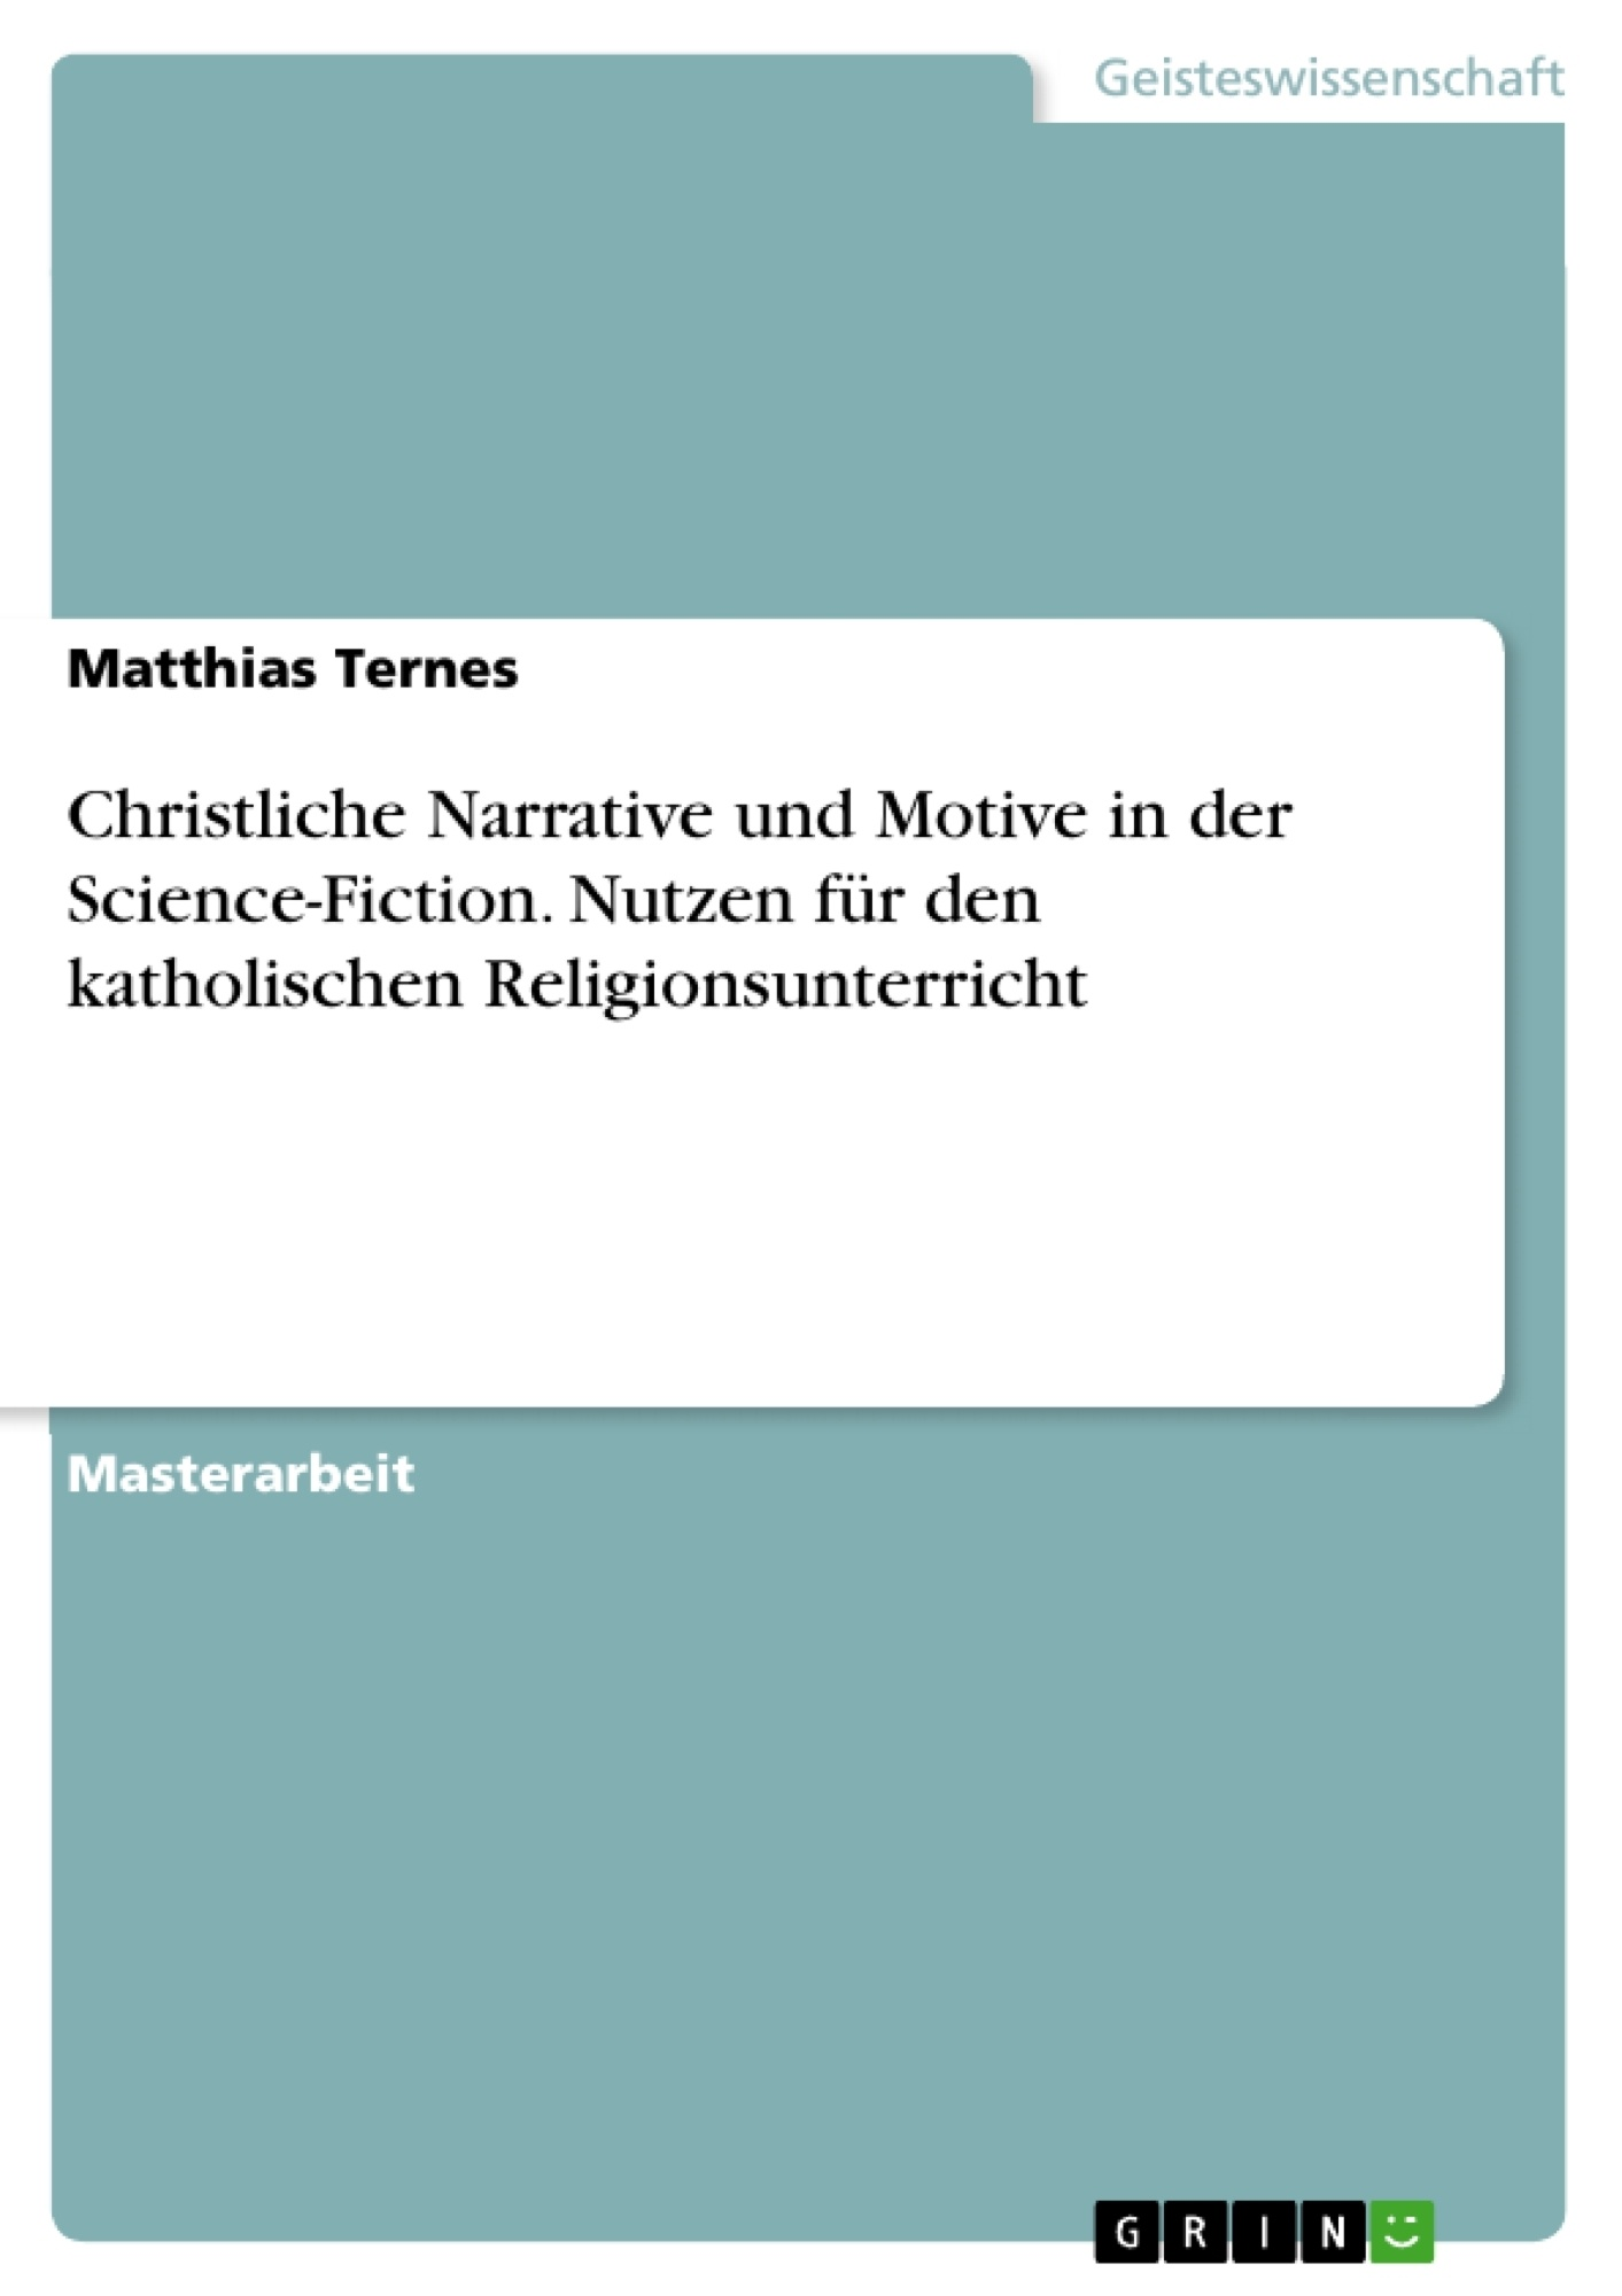 Titel: Christliche Narrative und Motive in der Science-Fiction. Nutzen für den katholischen Religionsunterricht